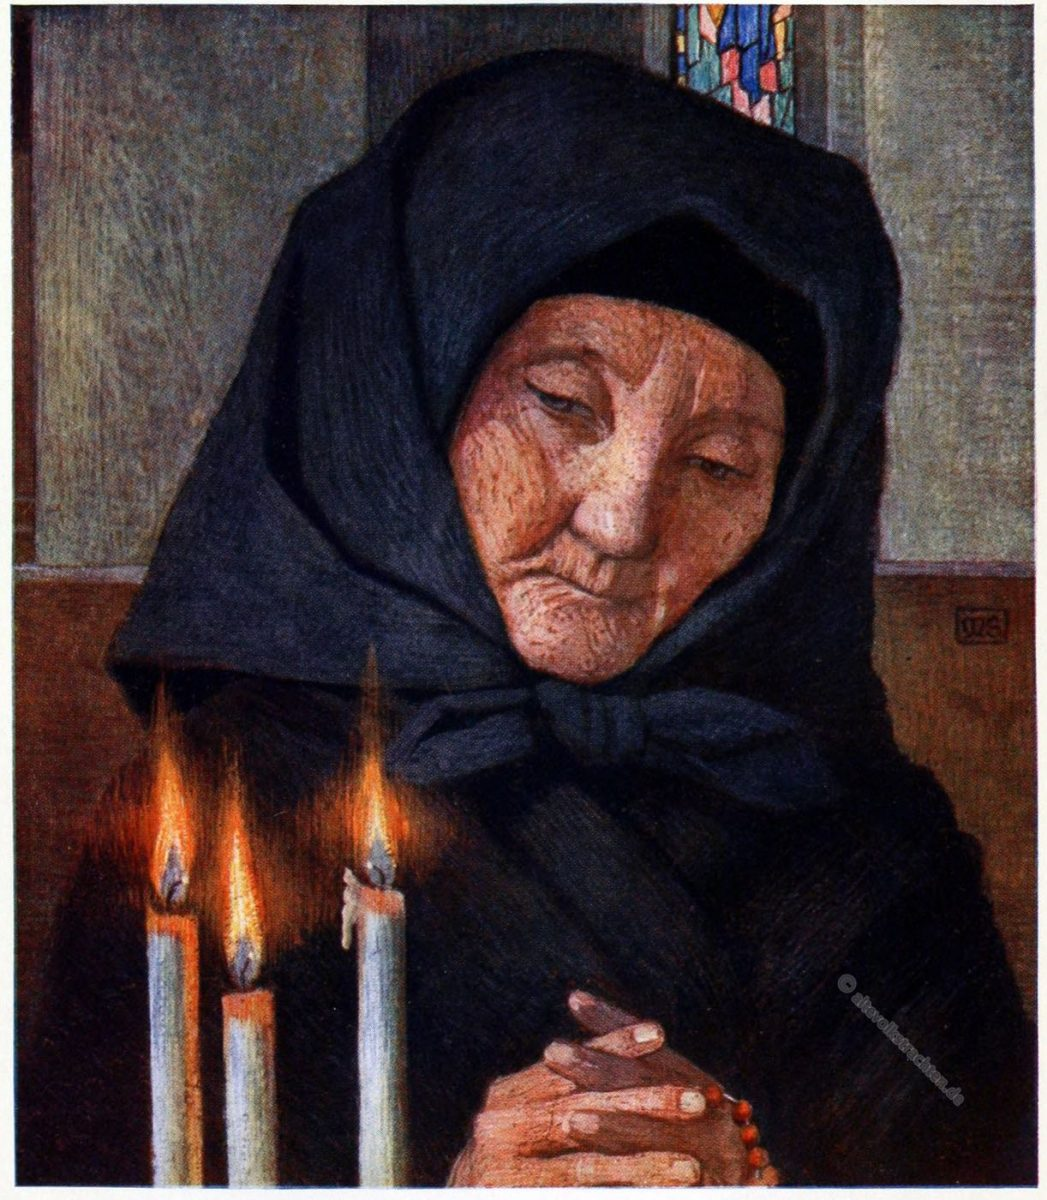 Marianne Stokes, Andacht, Totengebet, Trauerkleidung, Ungarn, Prayer, Kalocsa, Hungary